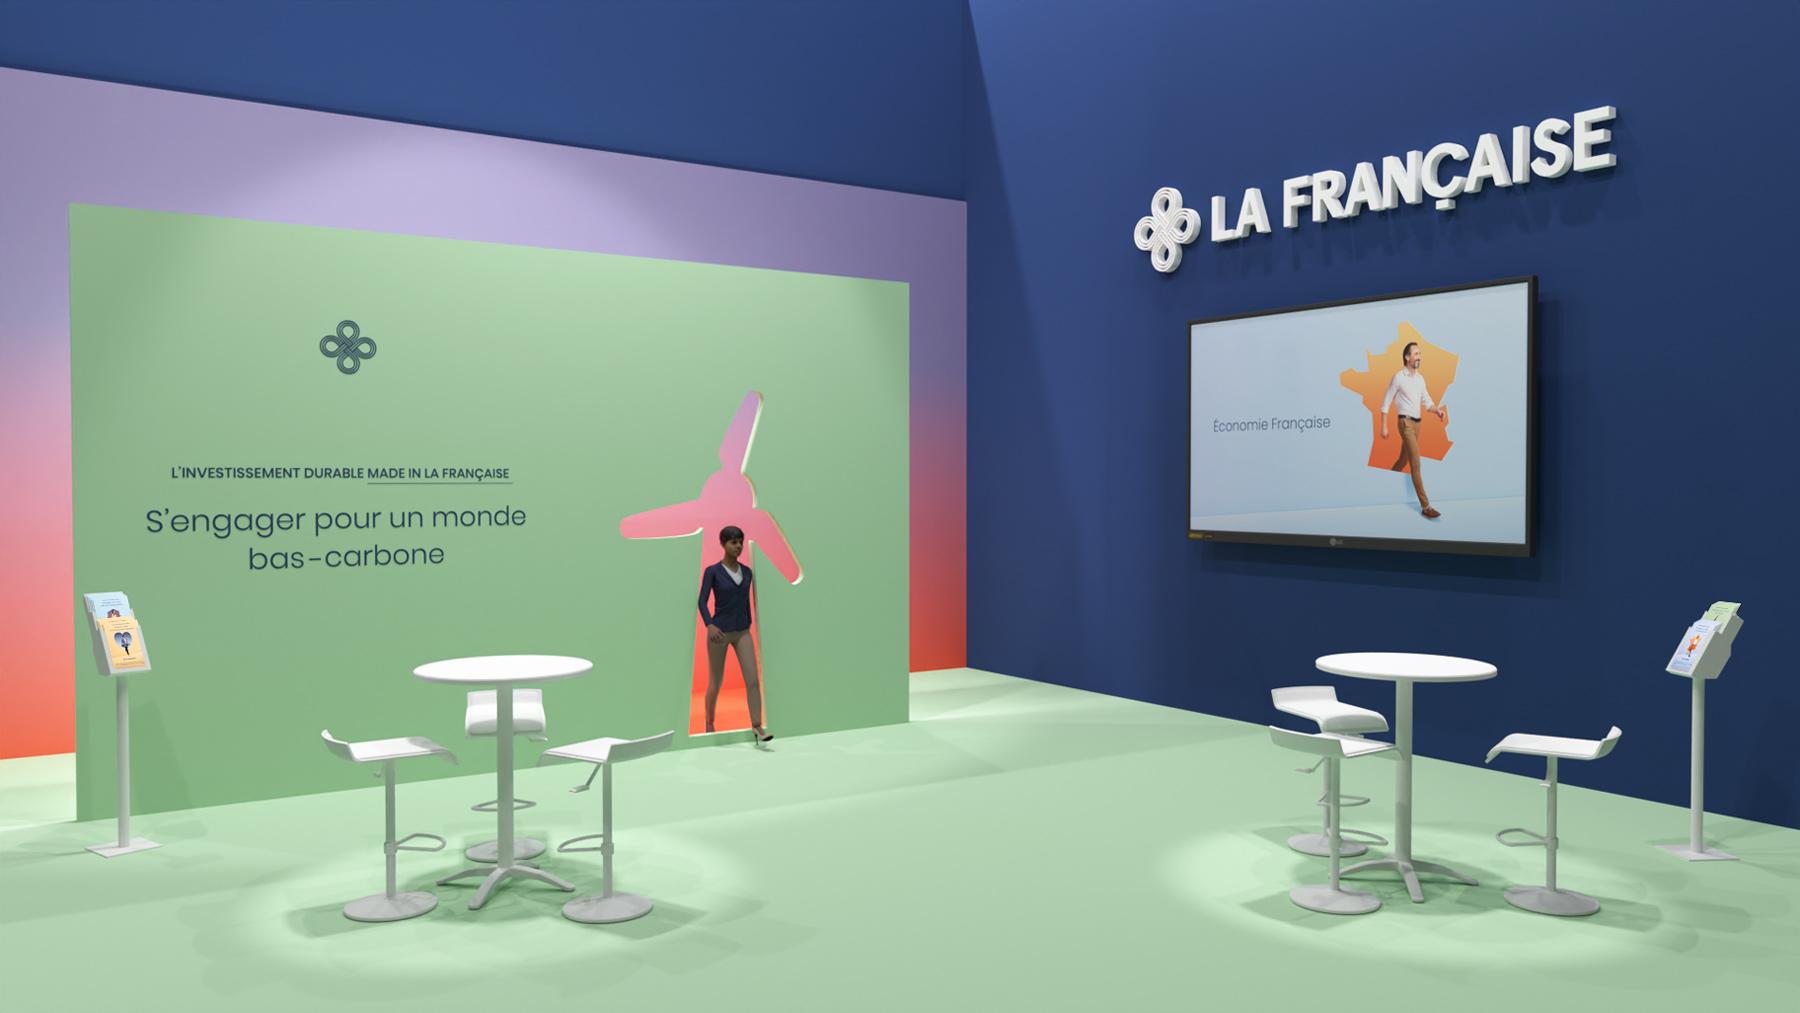 benjamin lecoq-graphiste - directeur artistique - paris -publicité site motion logo identité - groupe la française - campagne investissement durable - habillage stand